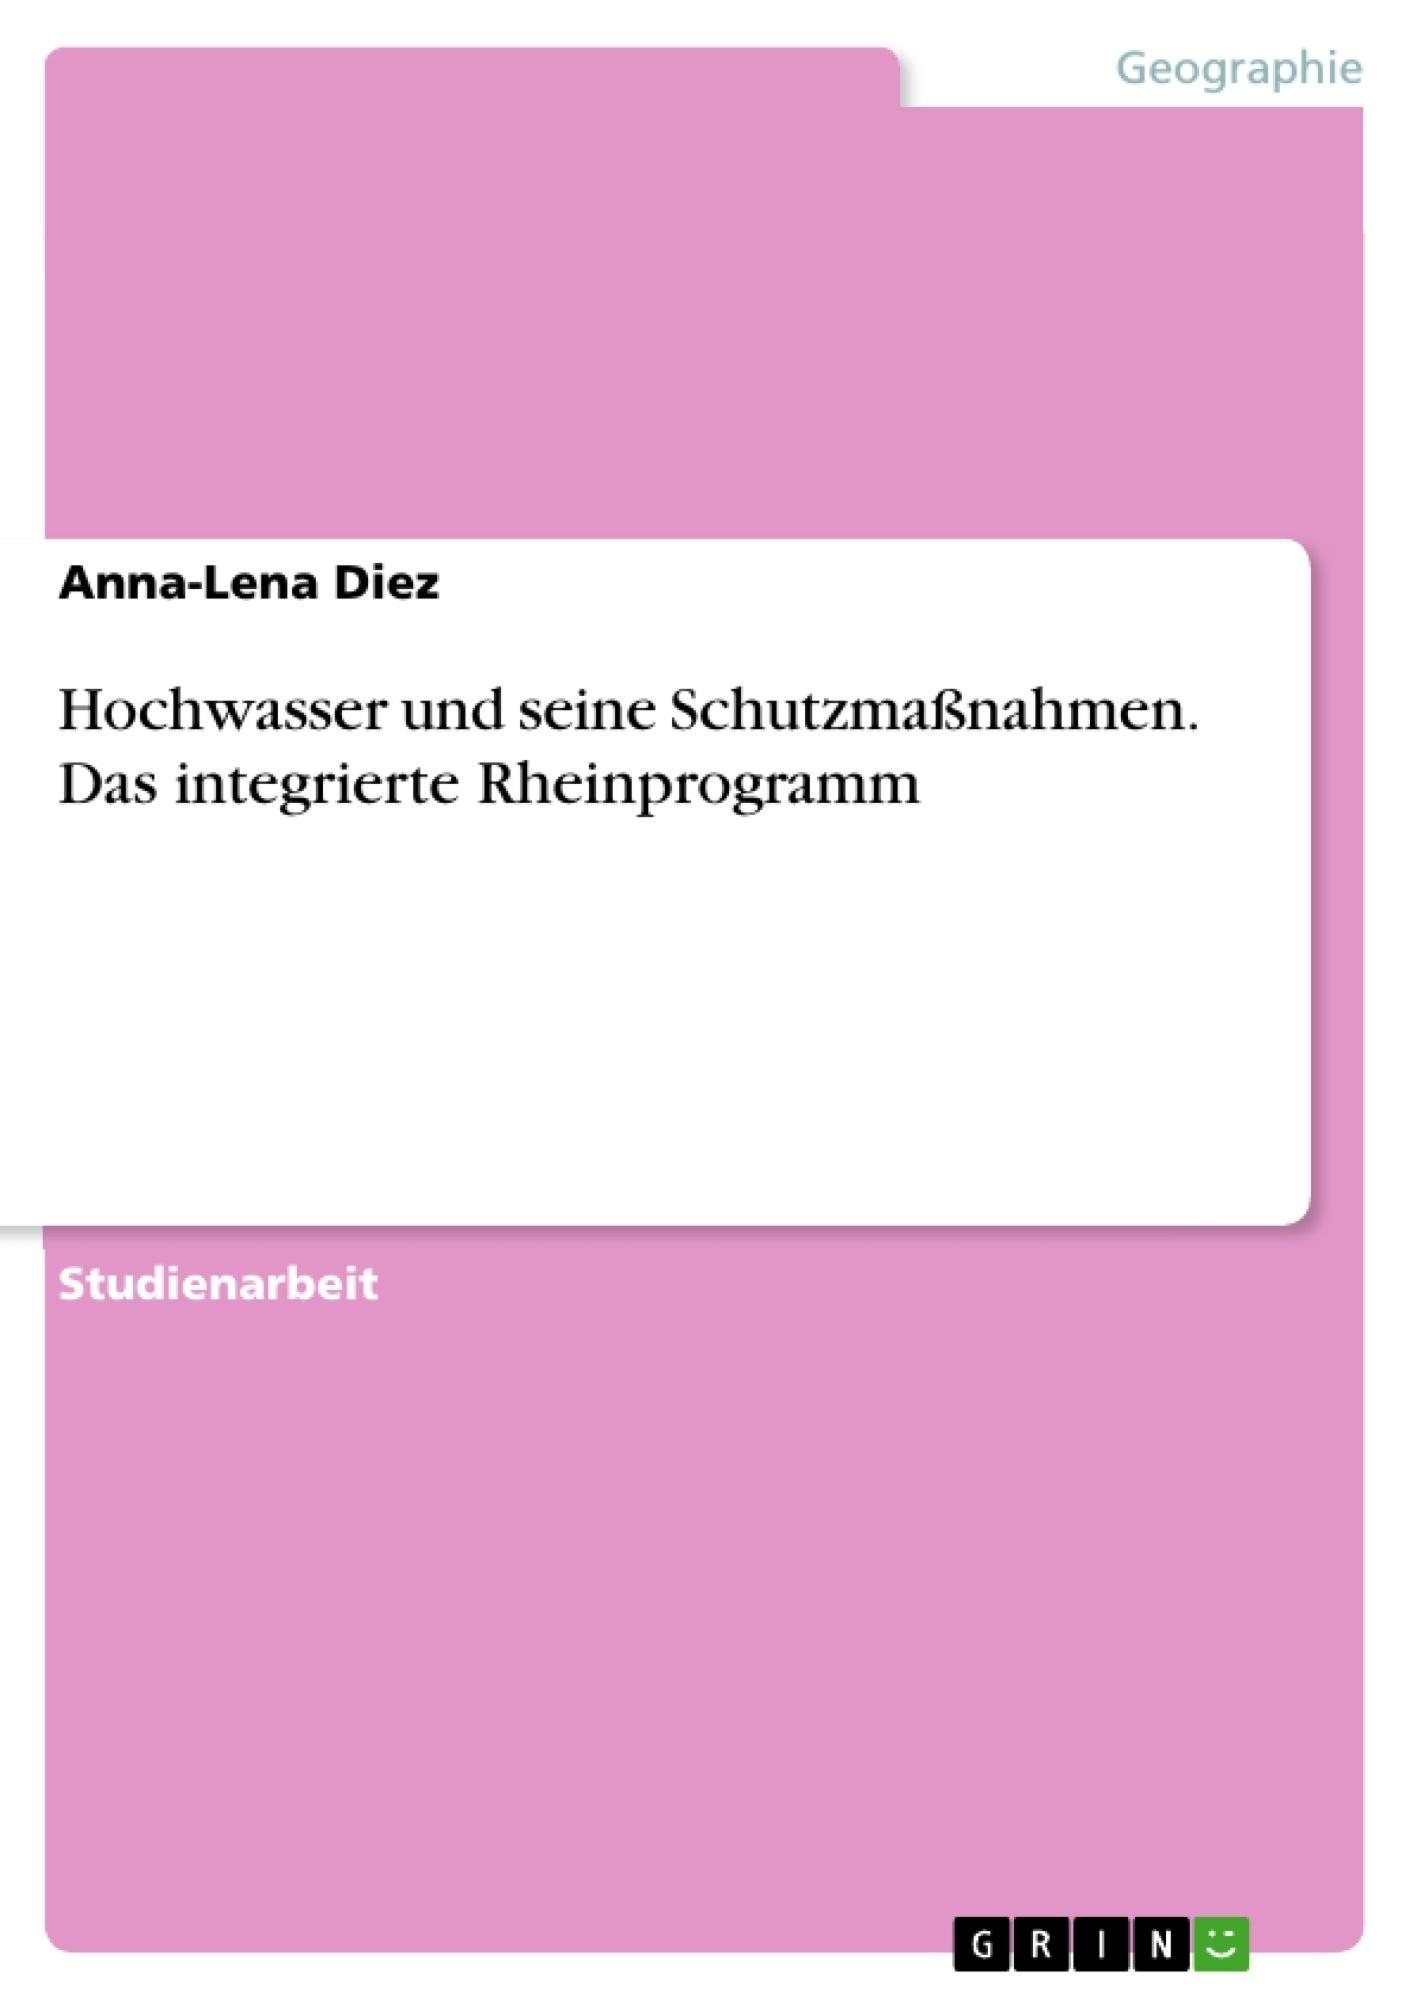 Titel: Hochwasser und seine Schutzmaßnahmen. Das integrierte Rheinprogramm